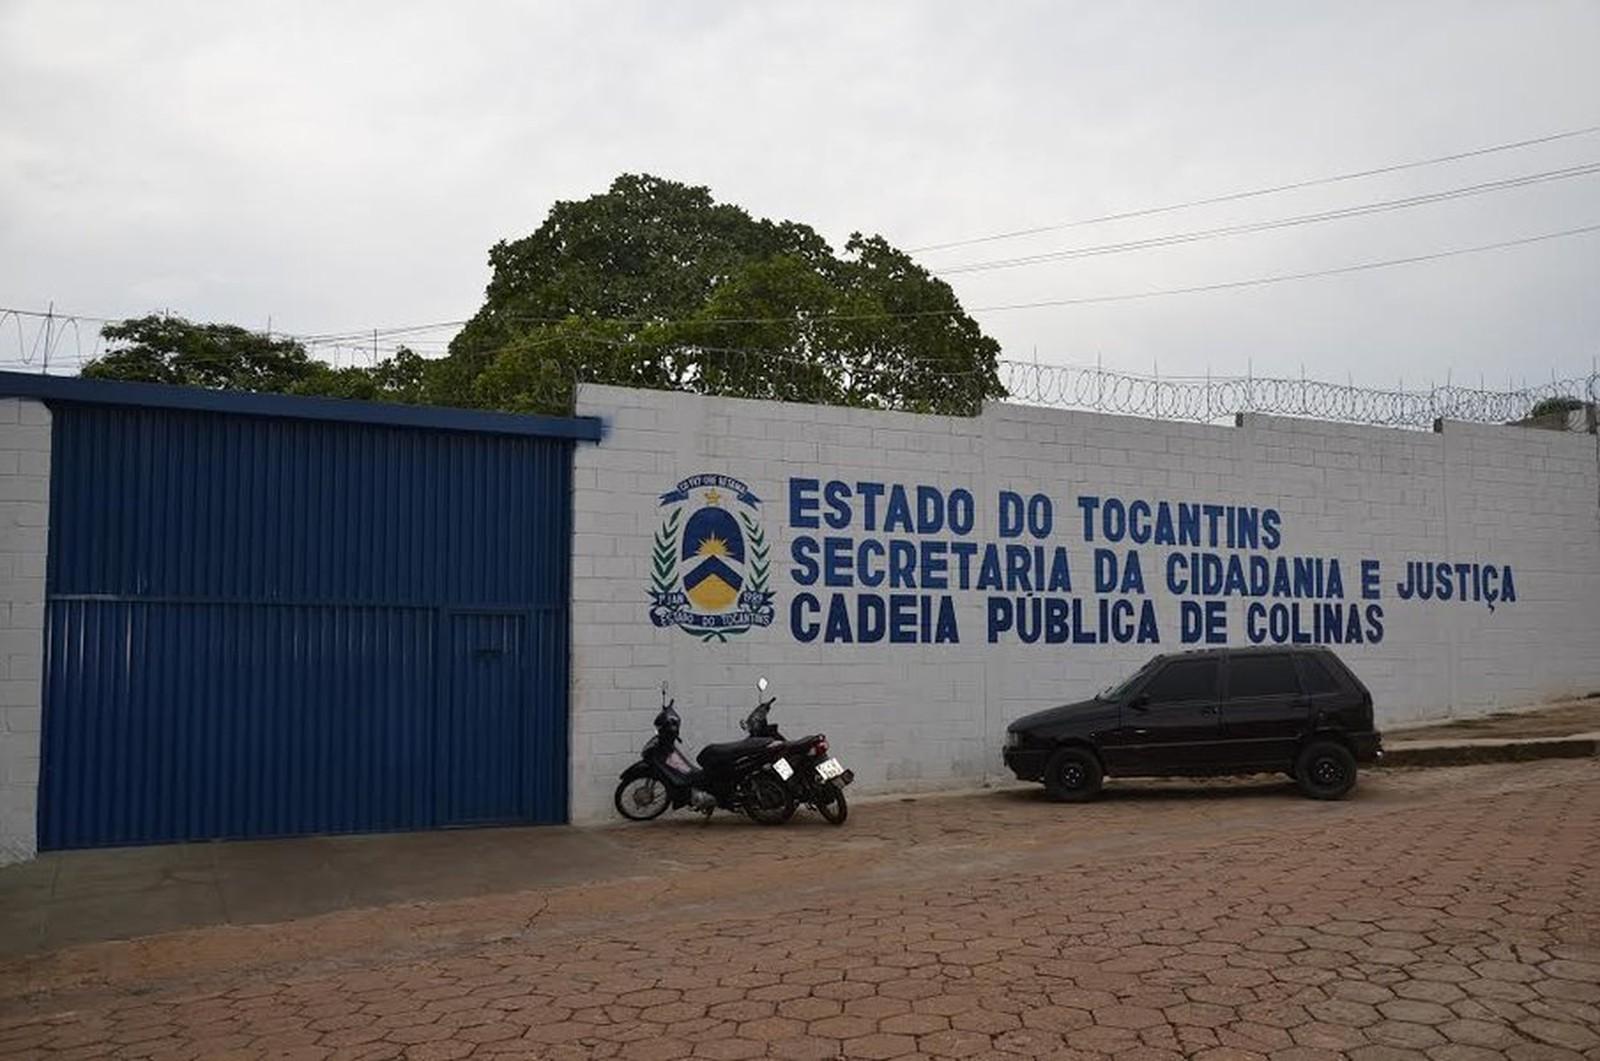 Presos que fugiram da cadeia de Colinas são recapturados pela Polícia Militar